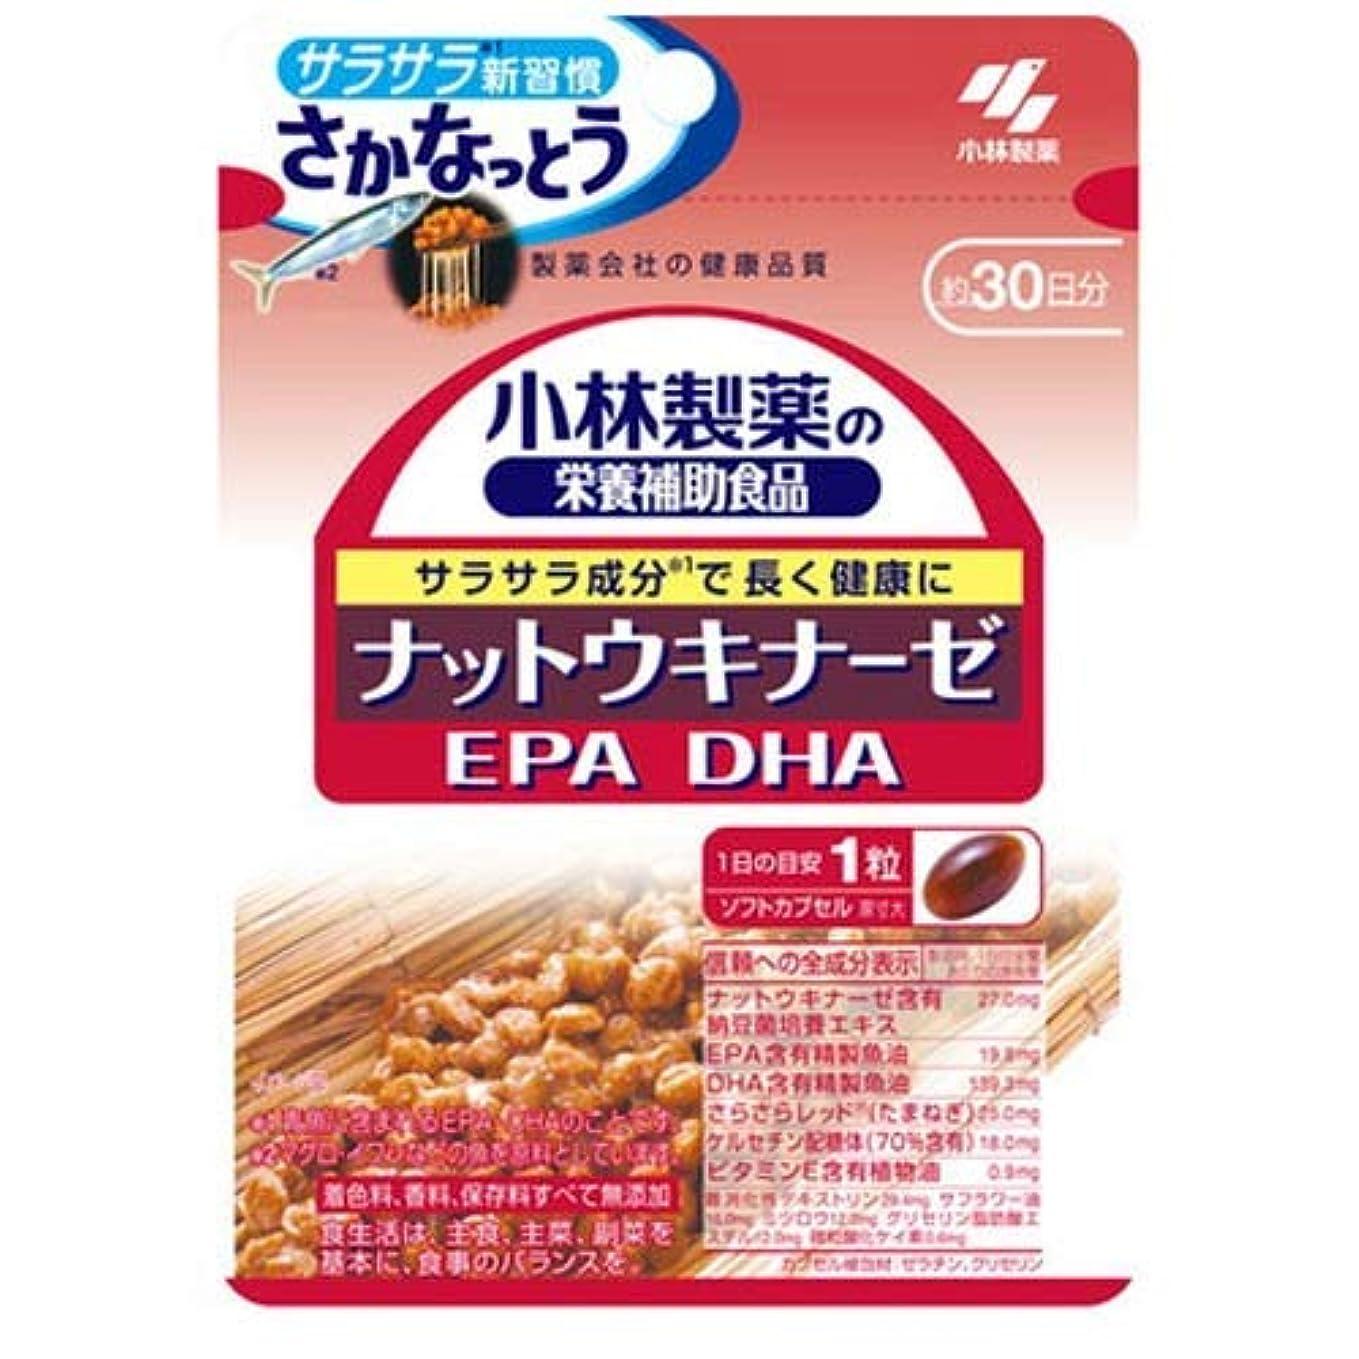 庭園つなぐくま小林製薬 ナットウキナーゼ EPA/DHA 30粒 [メール便対応商品]